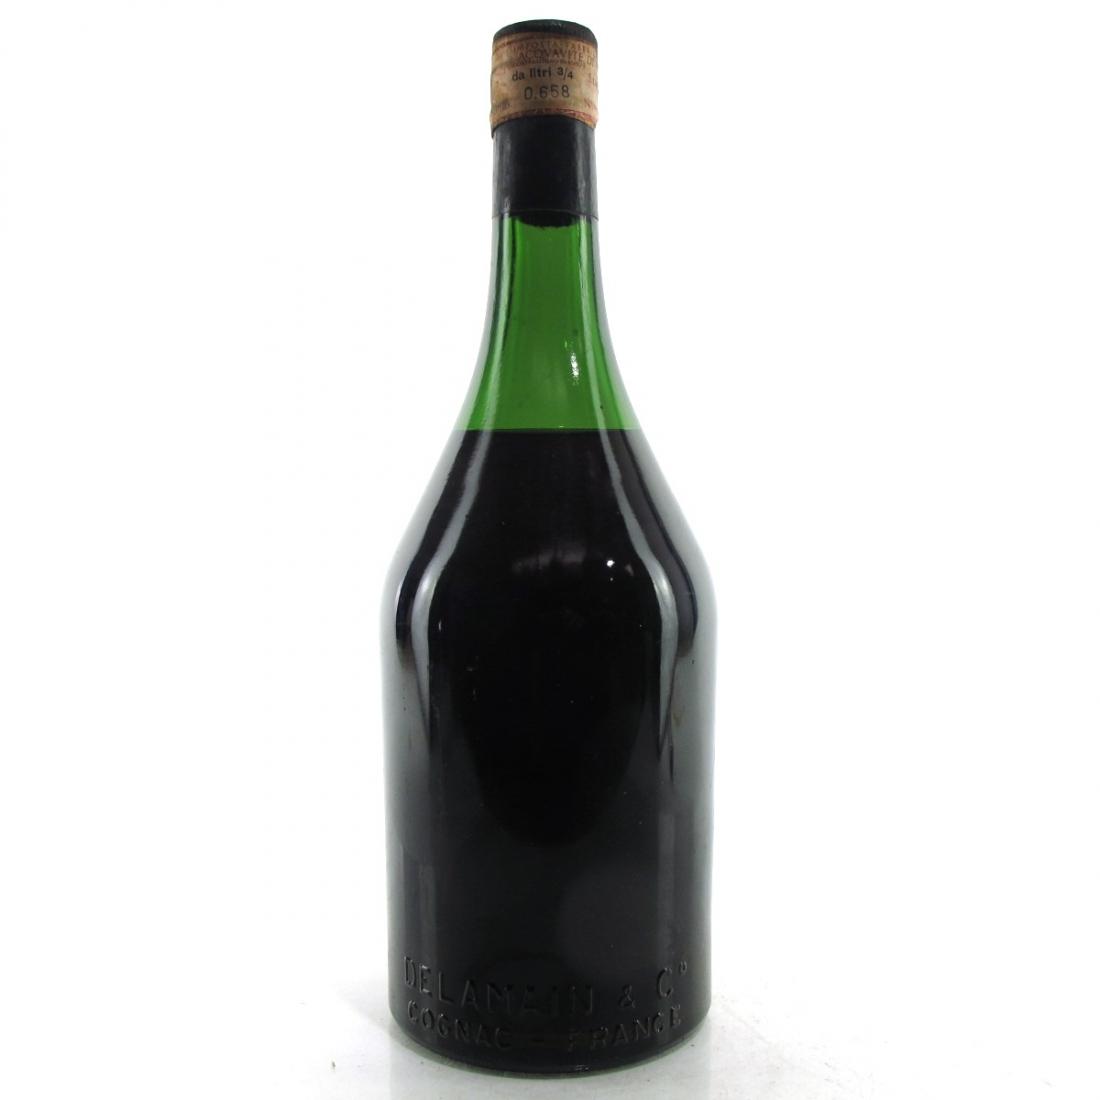 Delamain Napoleon Imperial Cognac 1960s